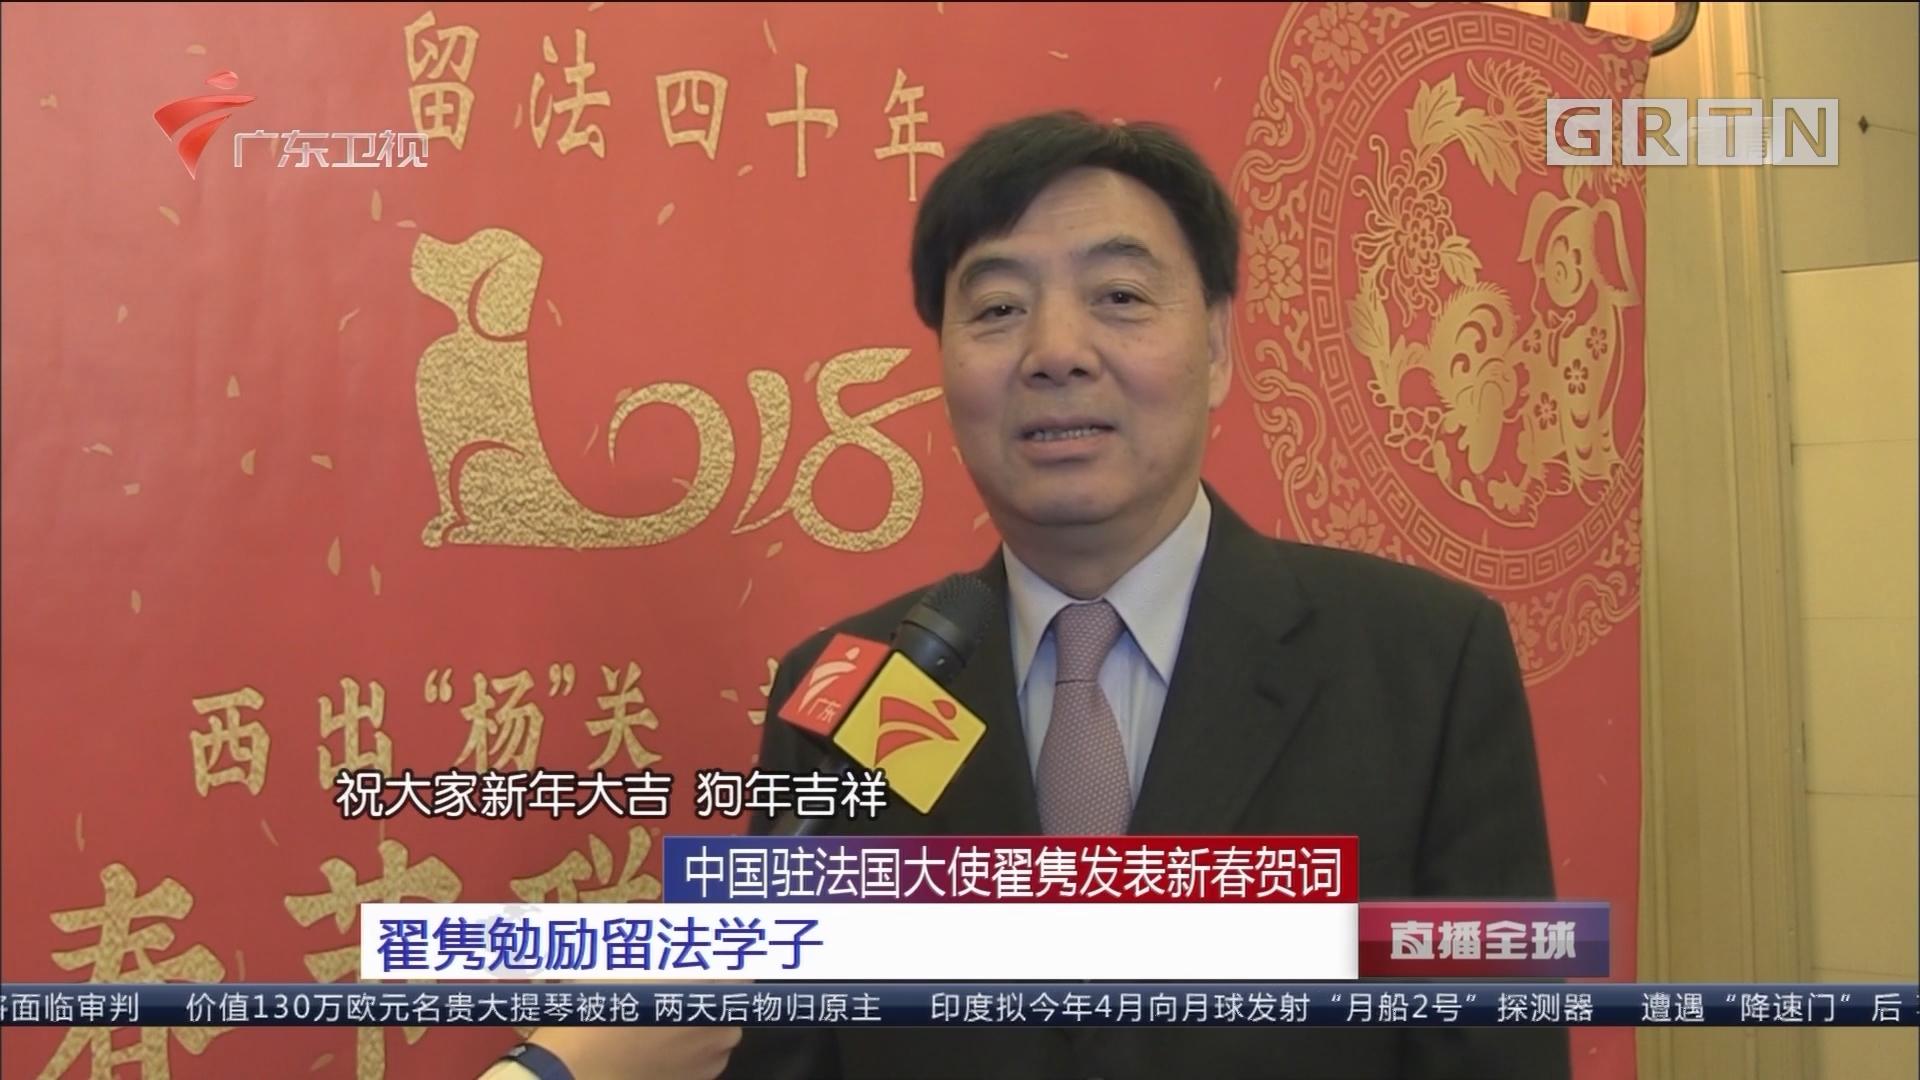 中国驻法国大使翟隽发表新春贺词 翟隽勉励留法学子